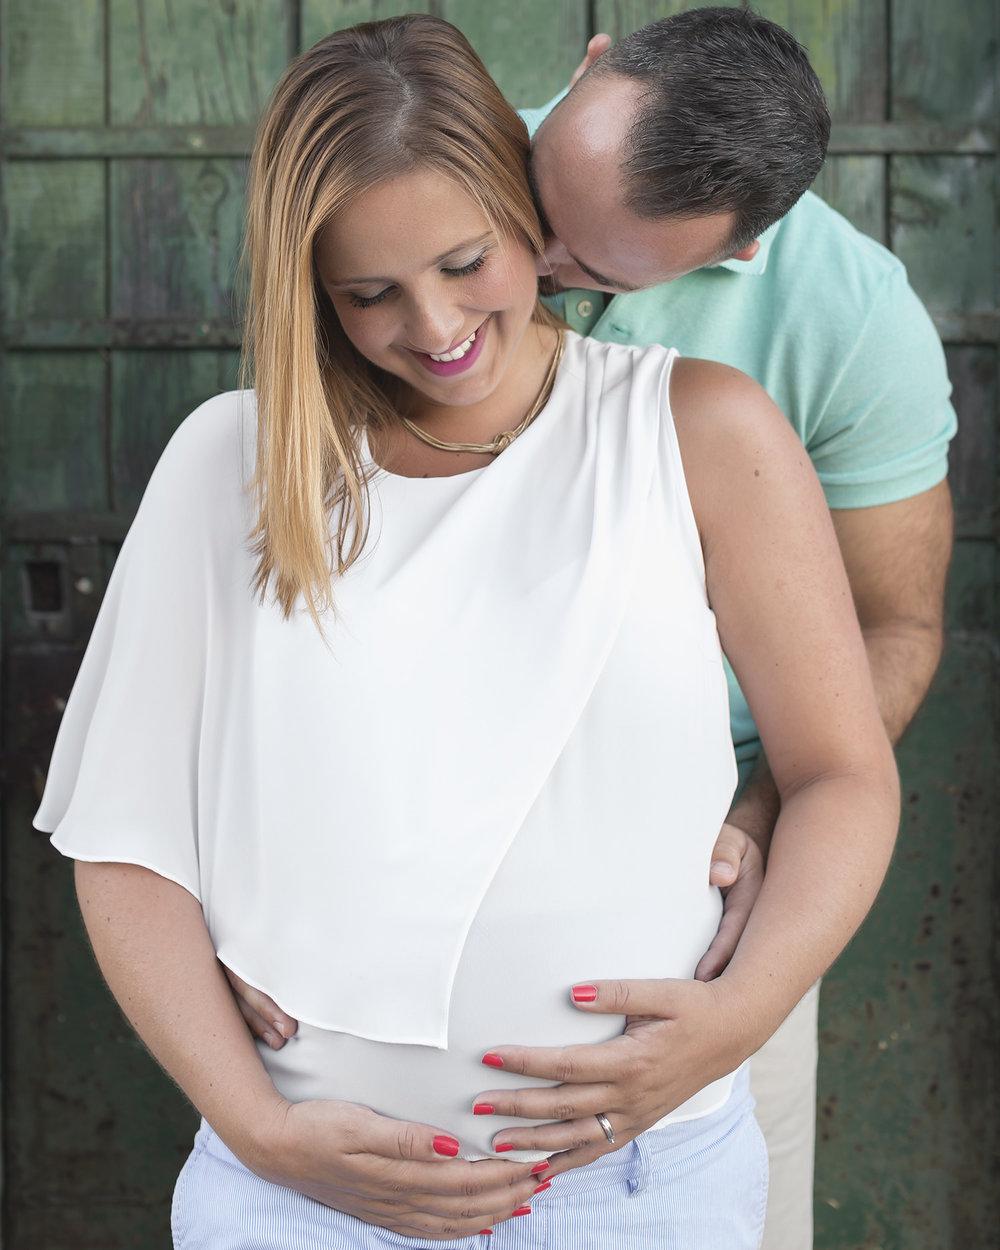 lisboa-pregnancy-photographer-terra-fotografia-05.jpg